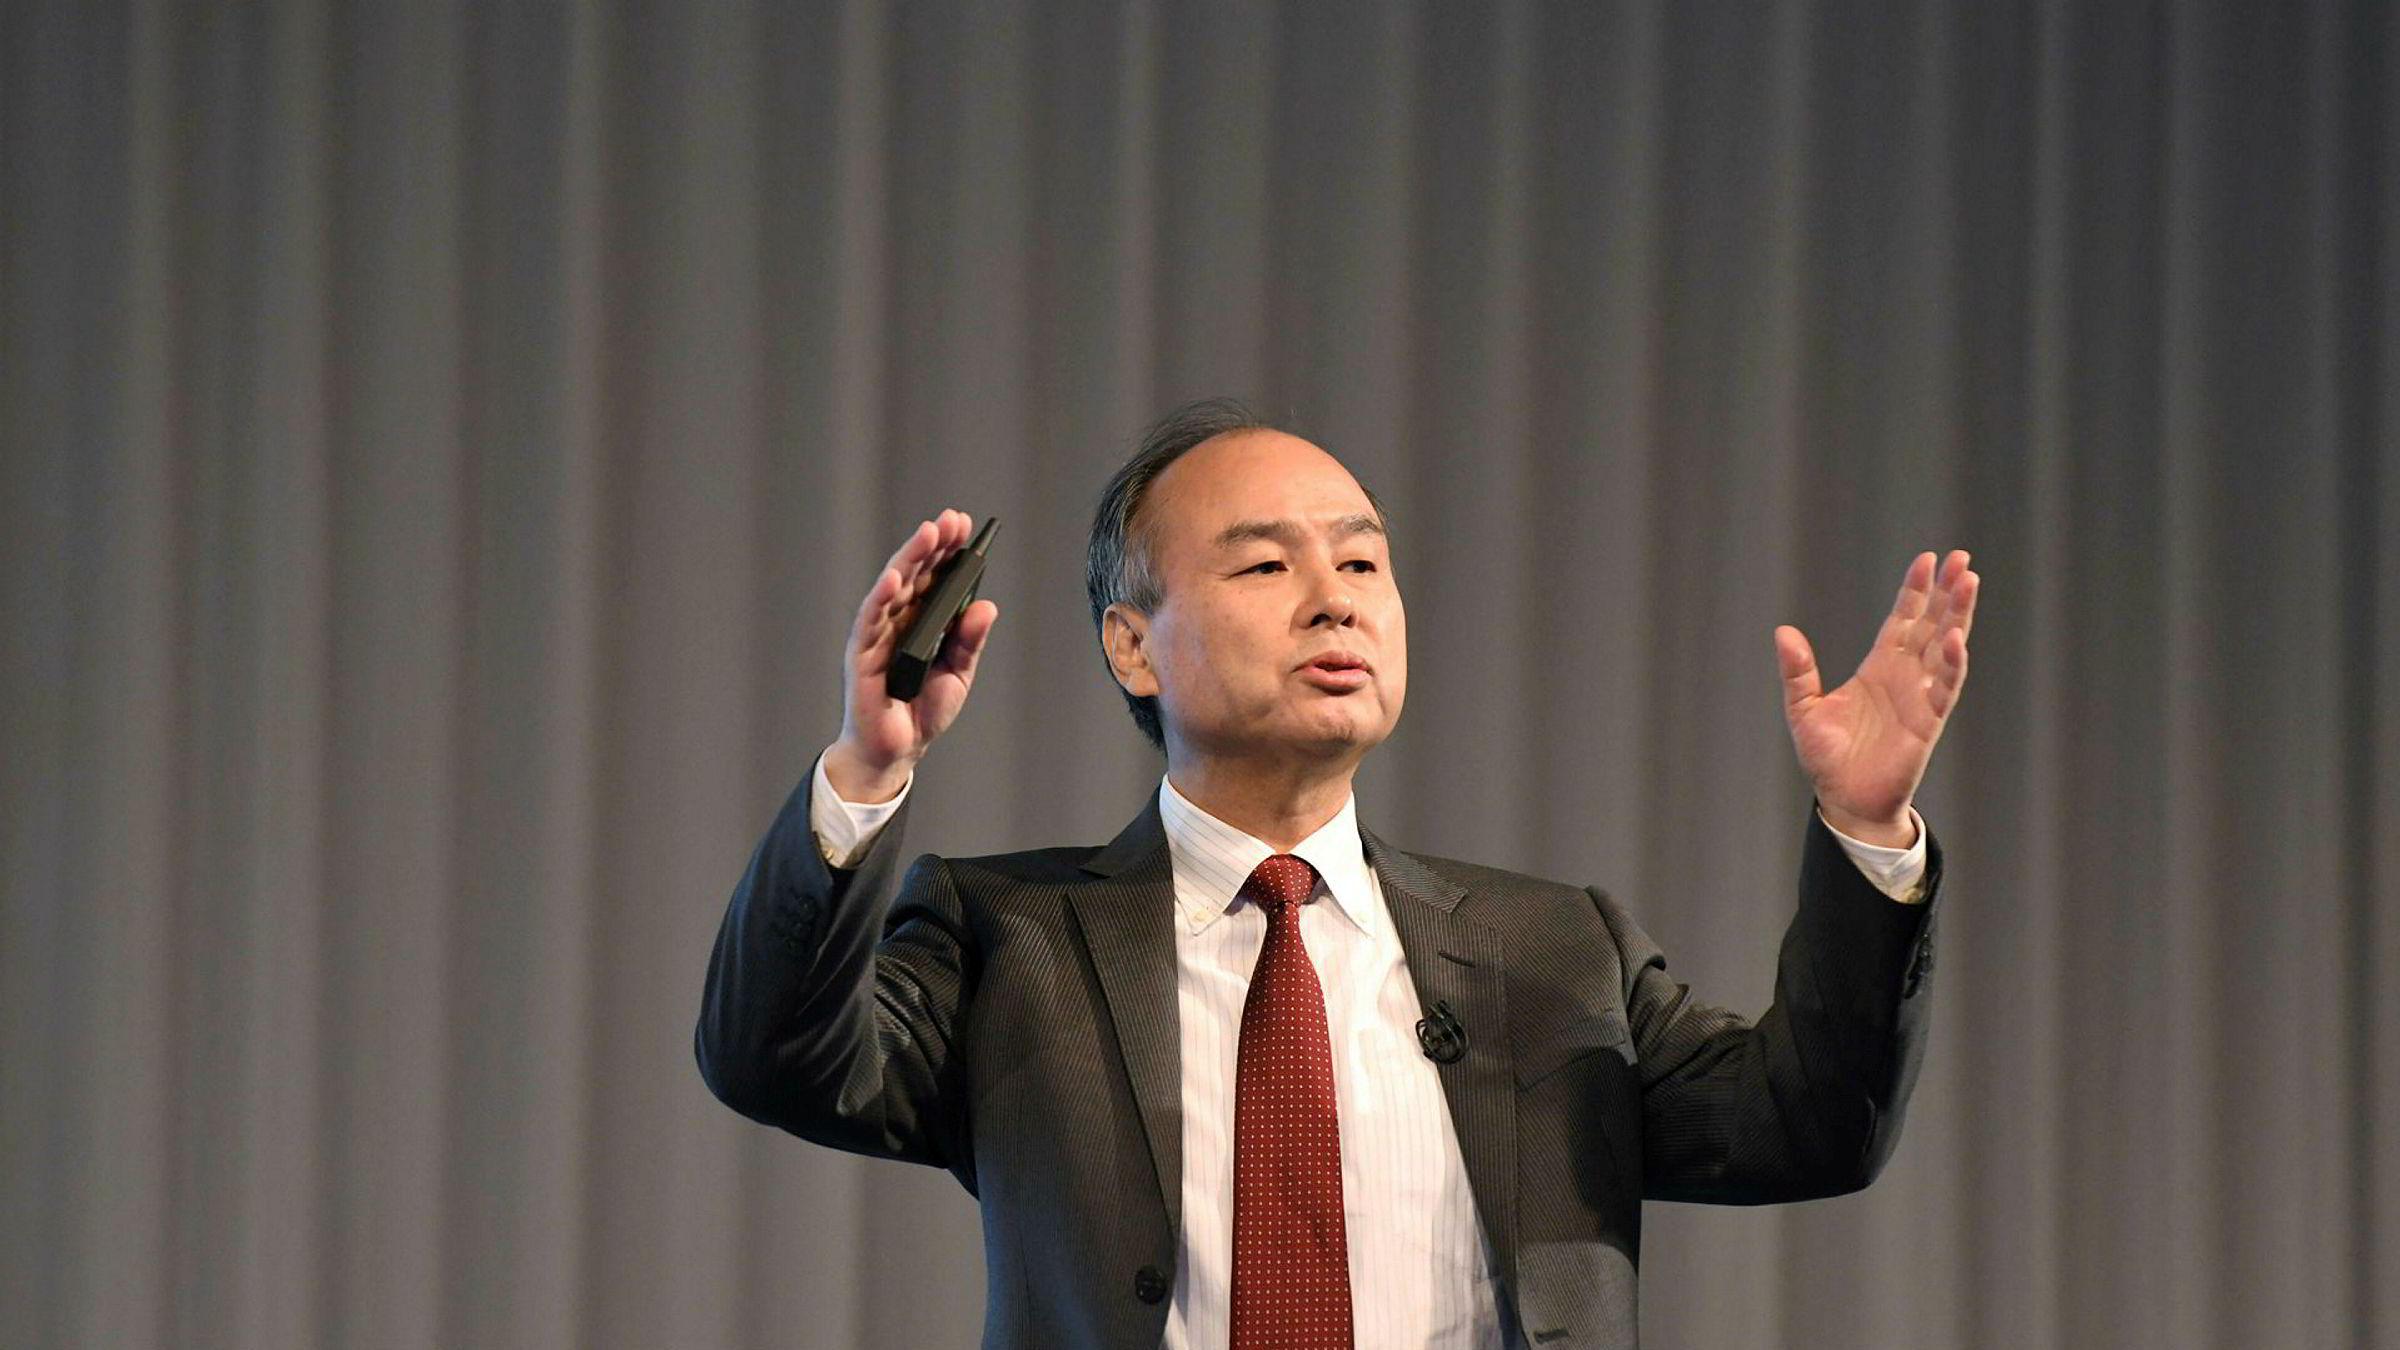 Softbank-sjef Masayoshi Son har signert en avtale om å bygge verdens største solenergipark i Saudi-Arabia.